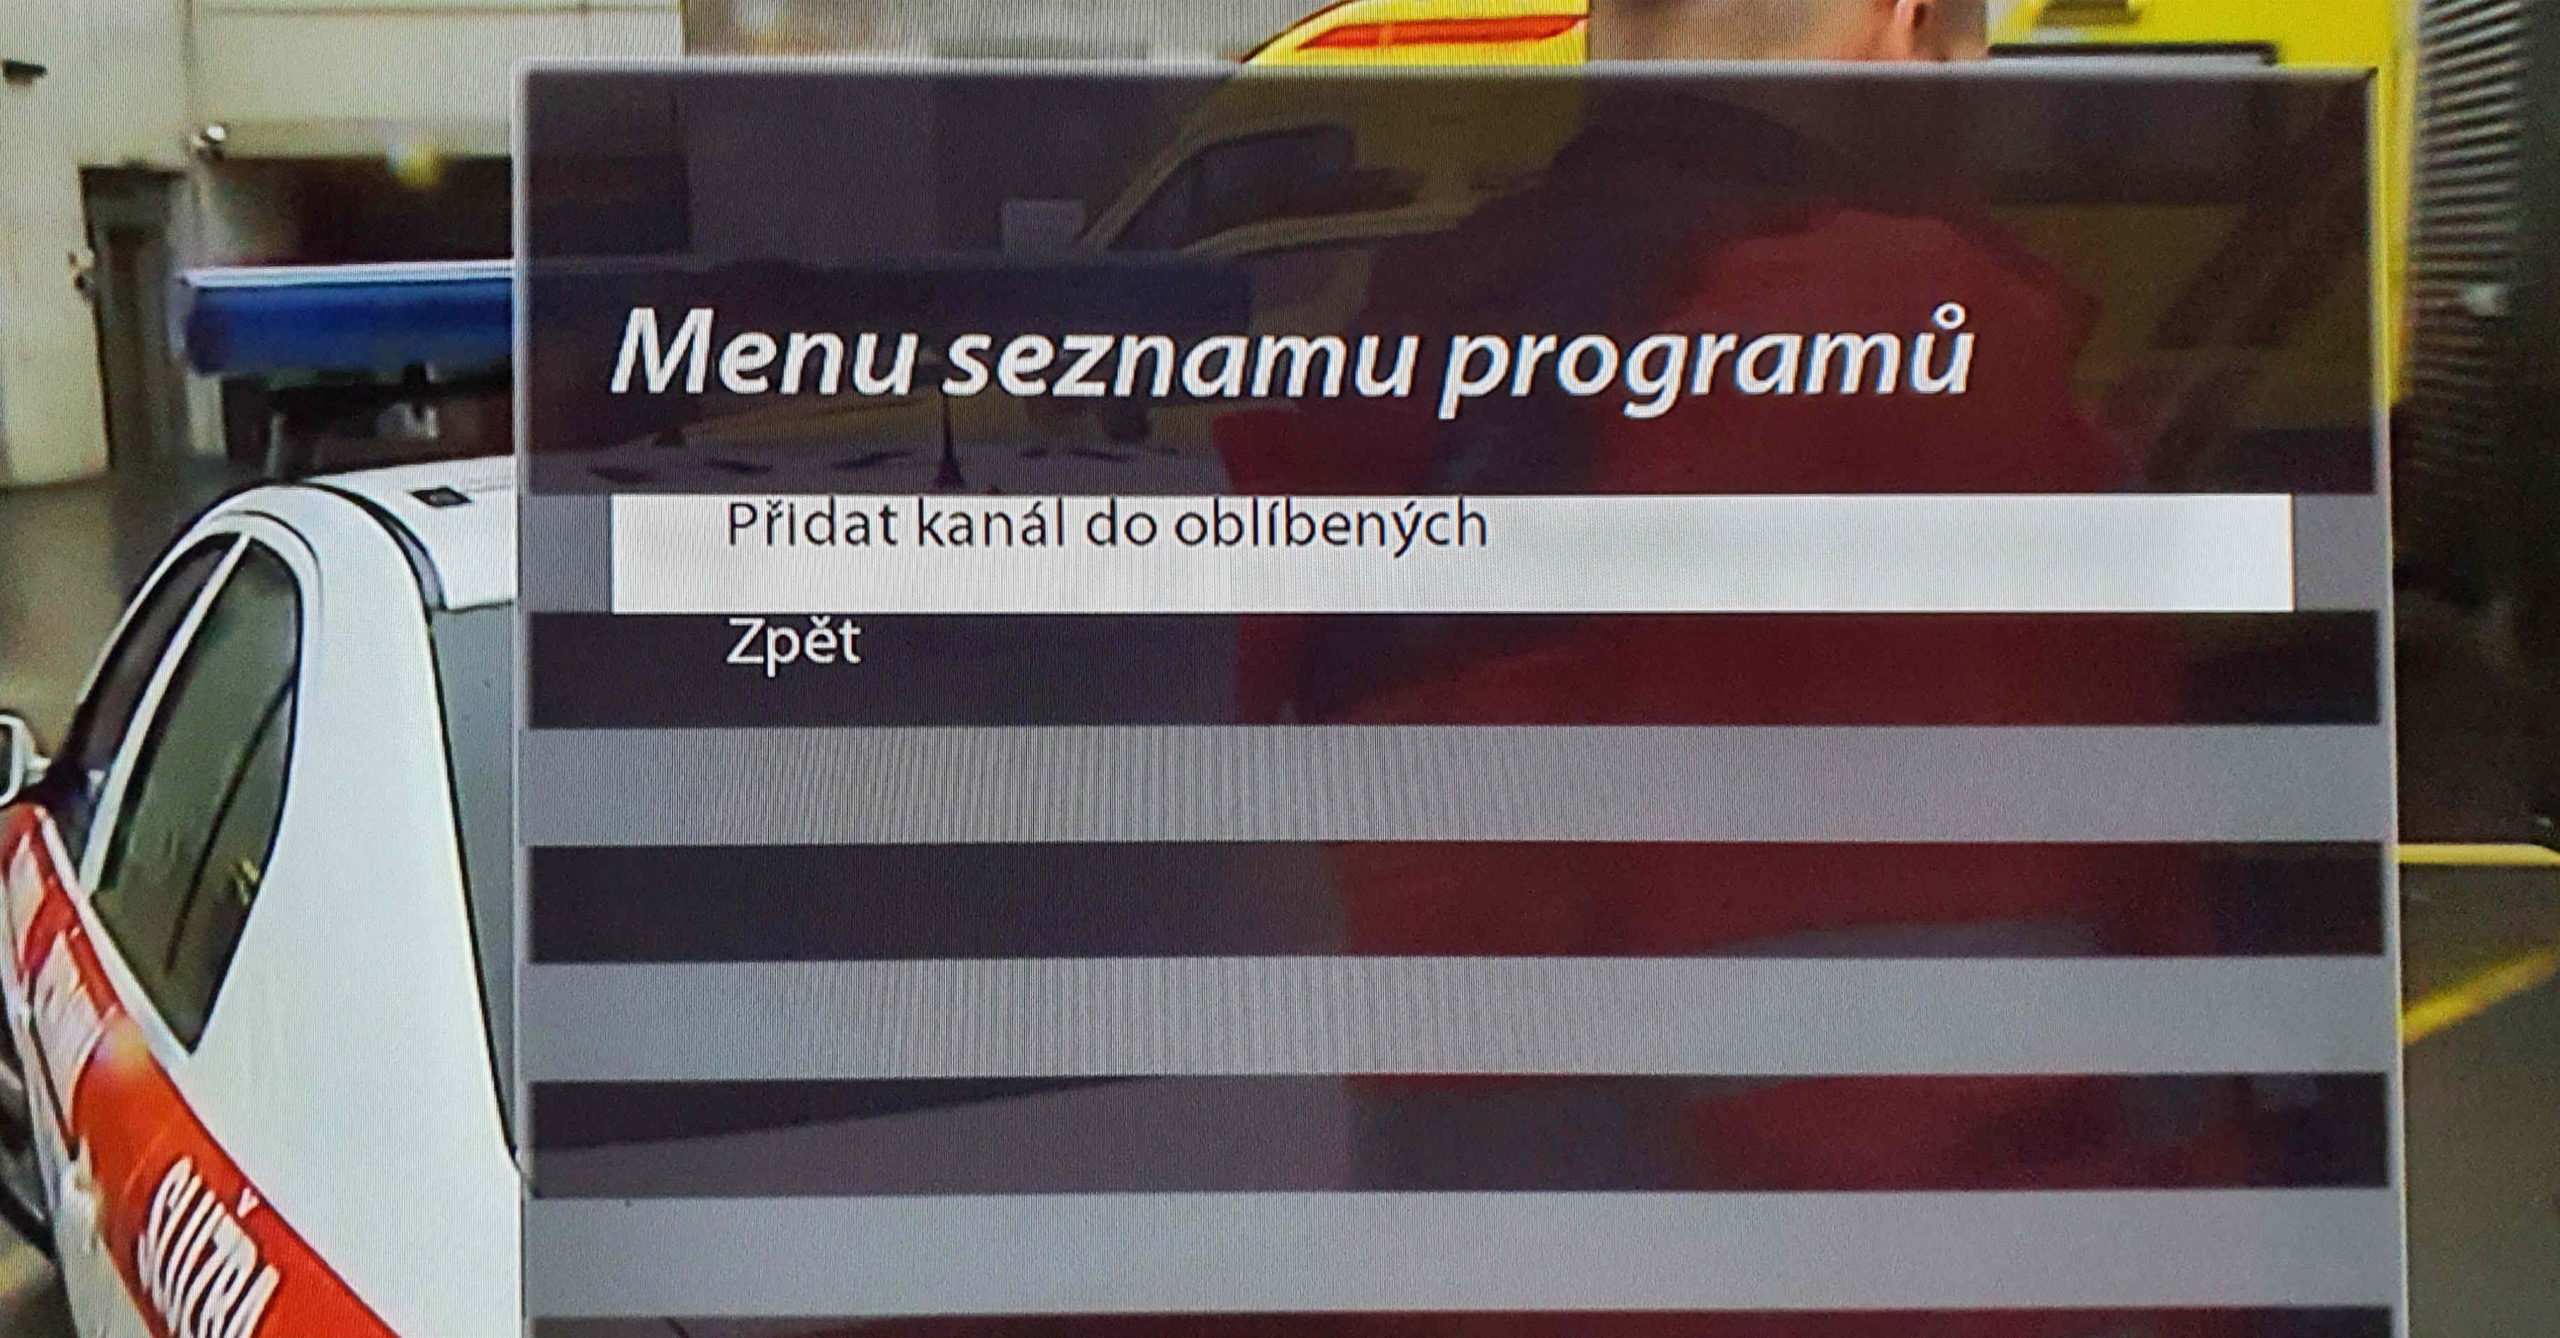 Přidání TV program do oblíbených na set top boxu VU+ Zero 4K